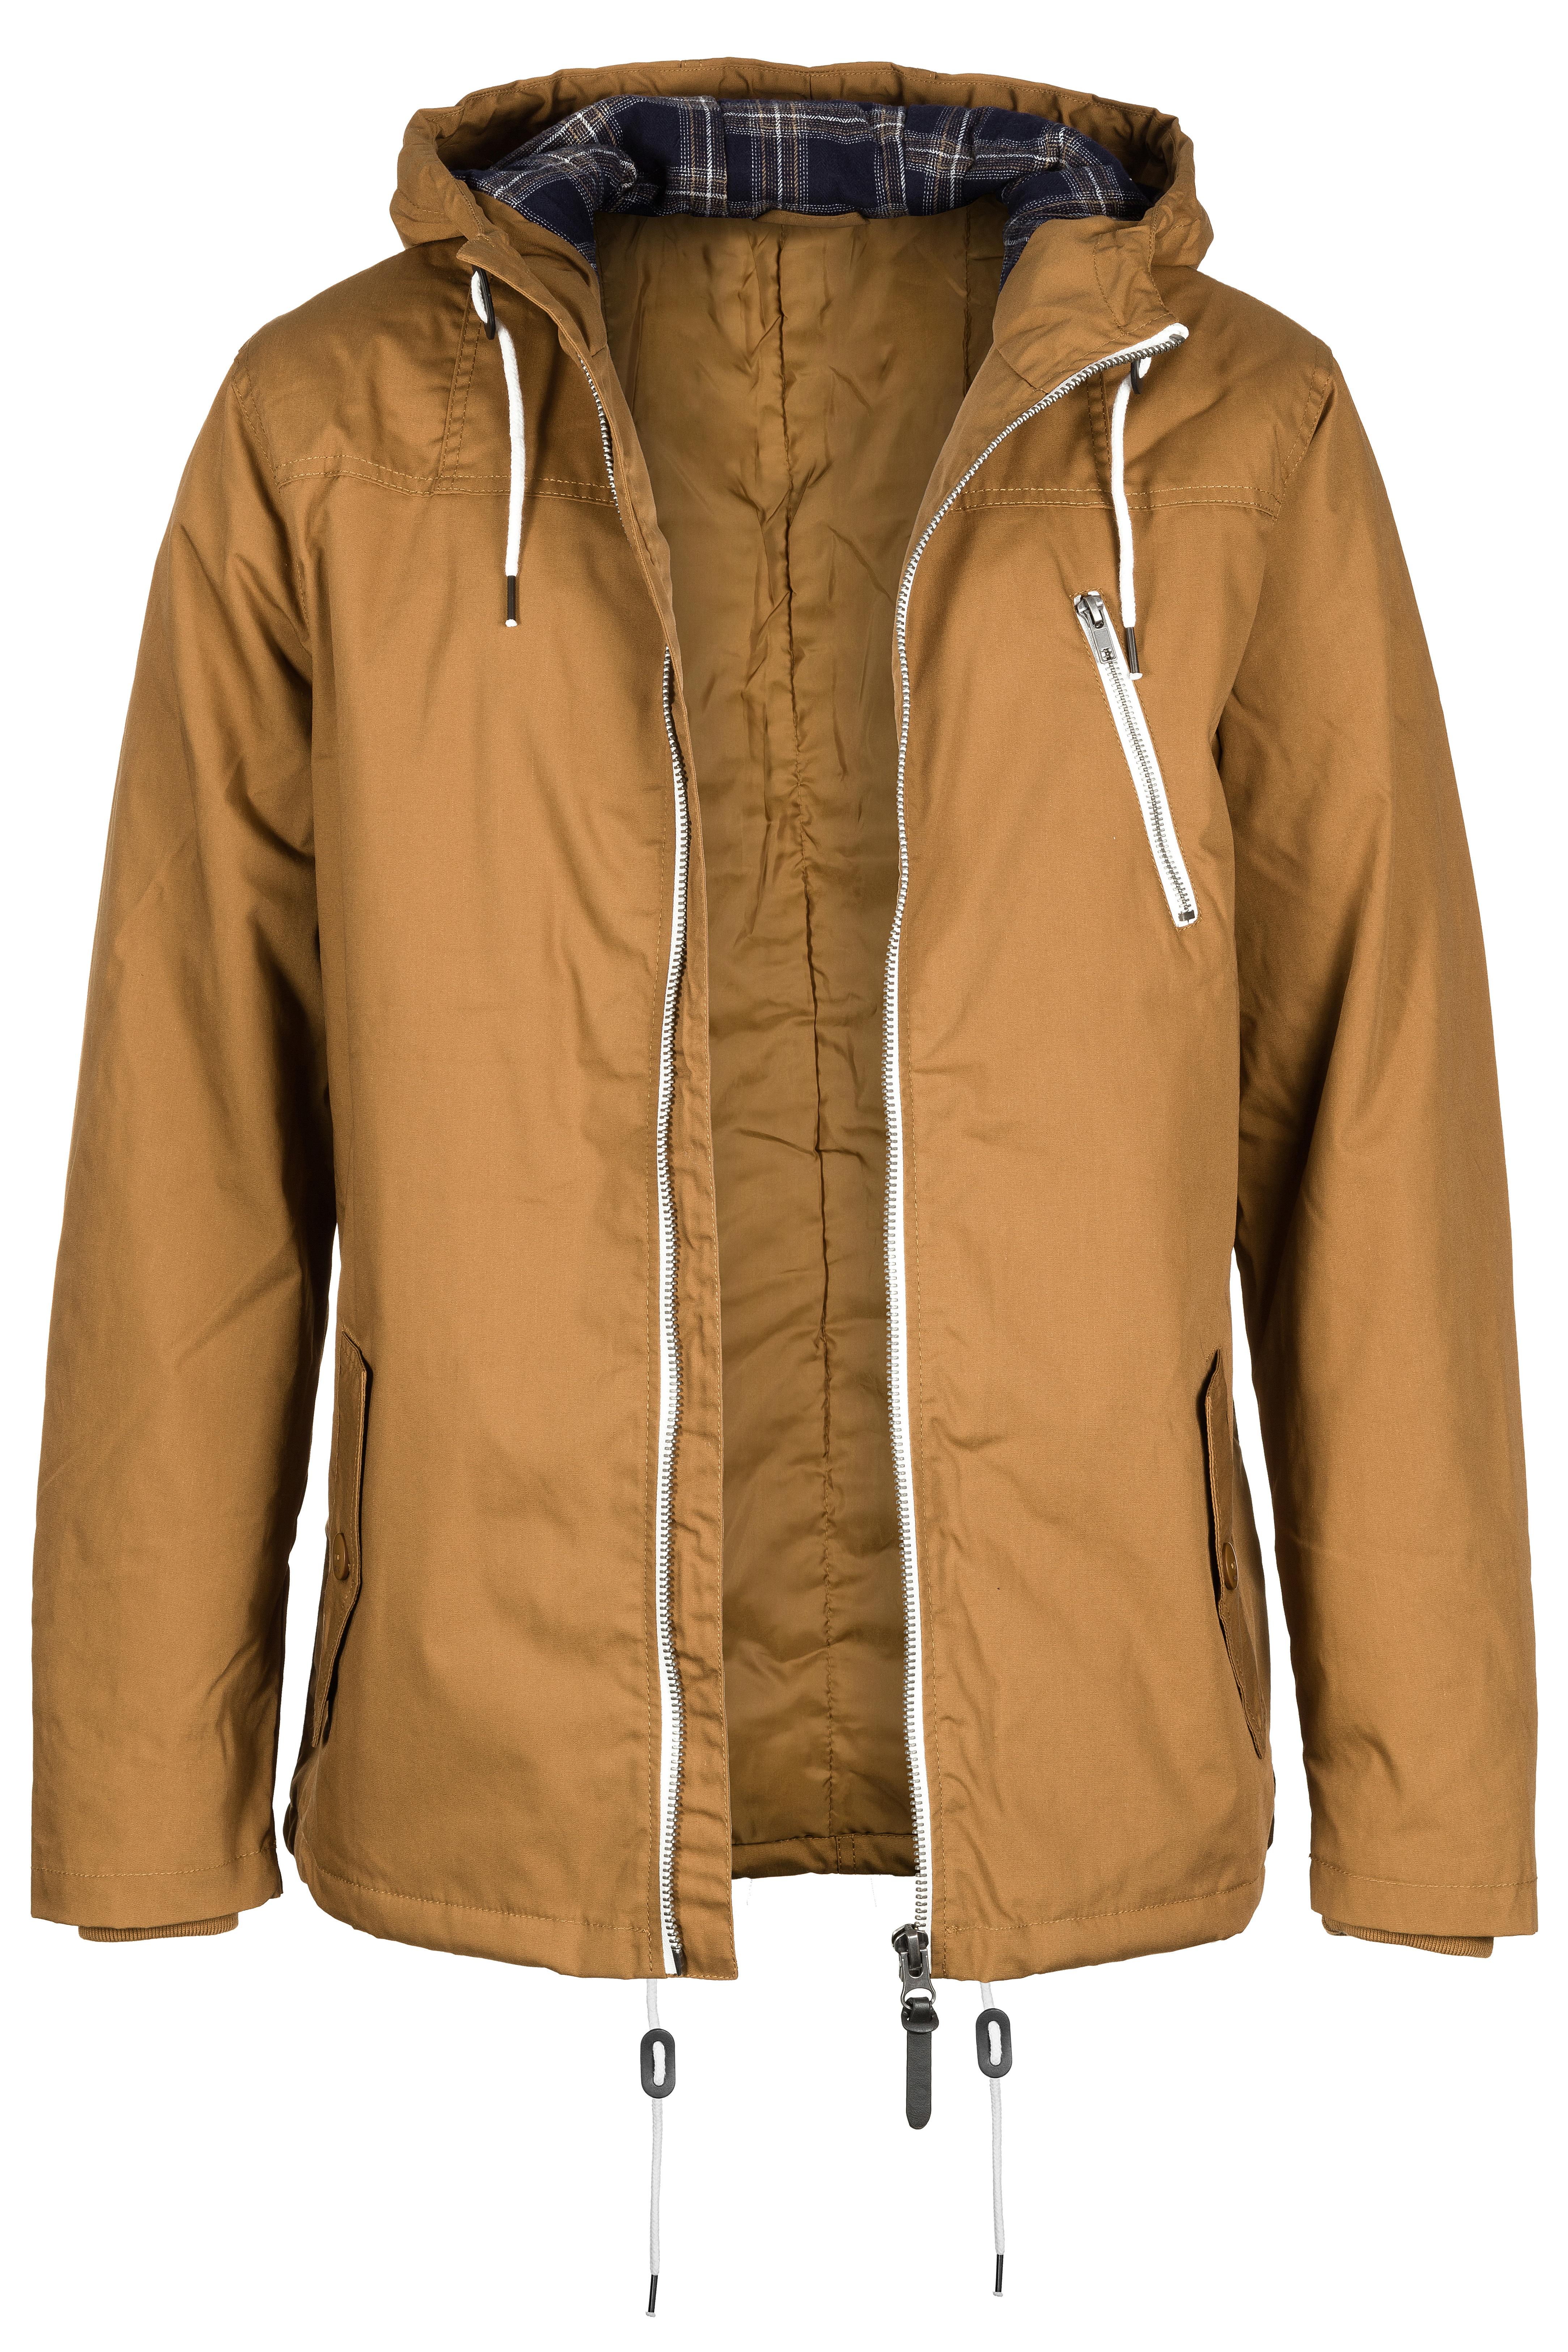 Custom made jackets (13)